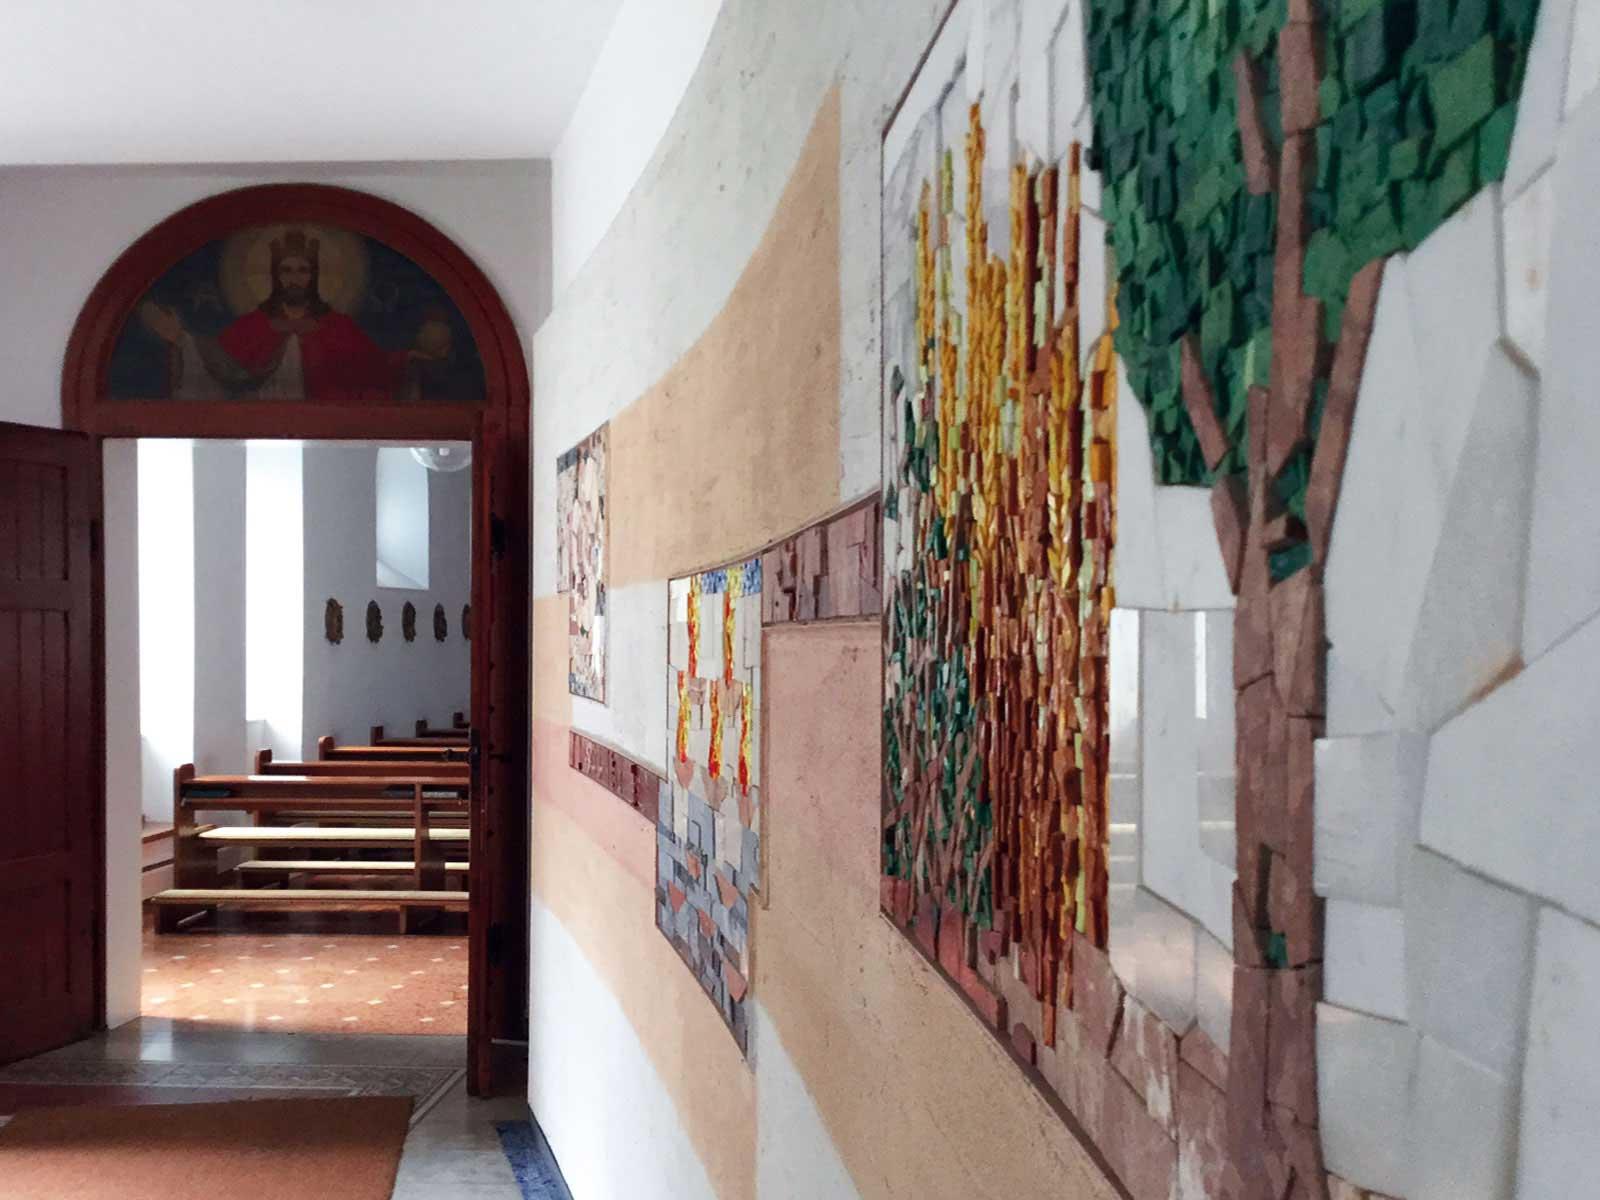 Seniorenzentrum-Bruder-Konrad-Stift-Hauskapelle-St-Anselmus-Eingang-2